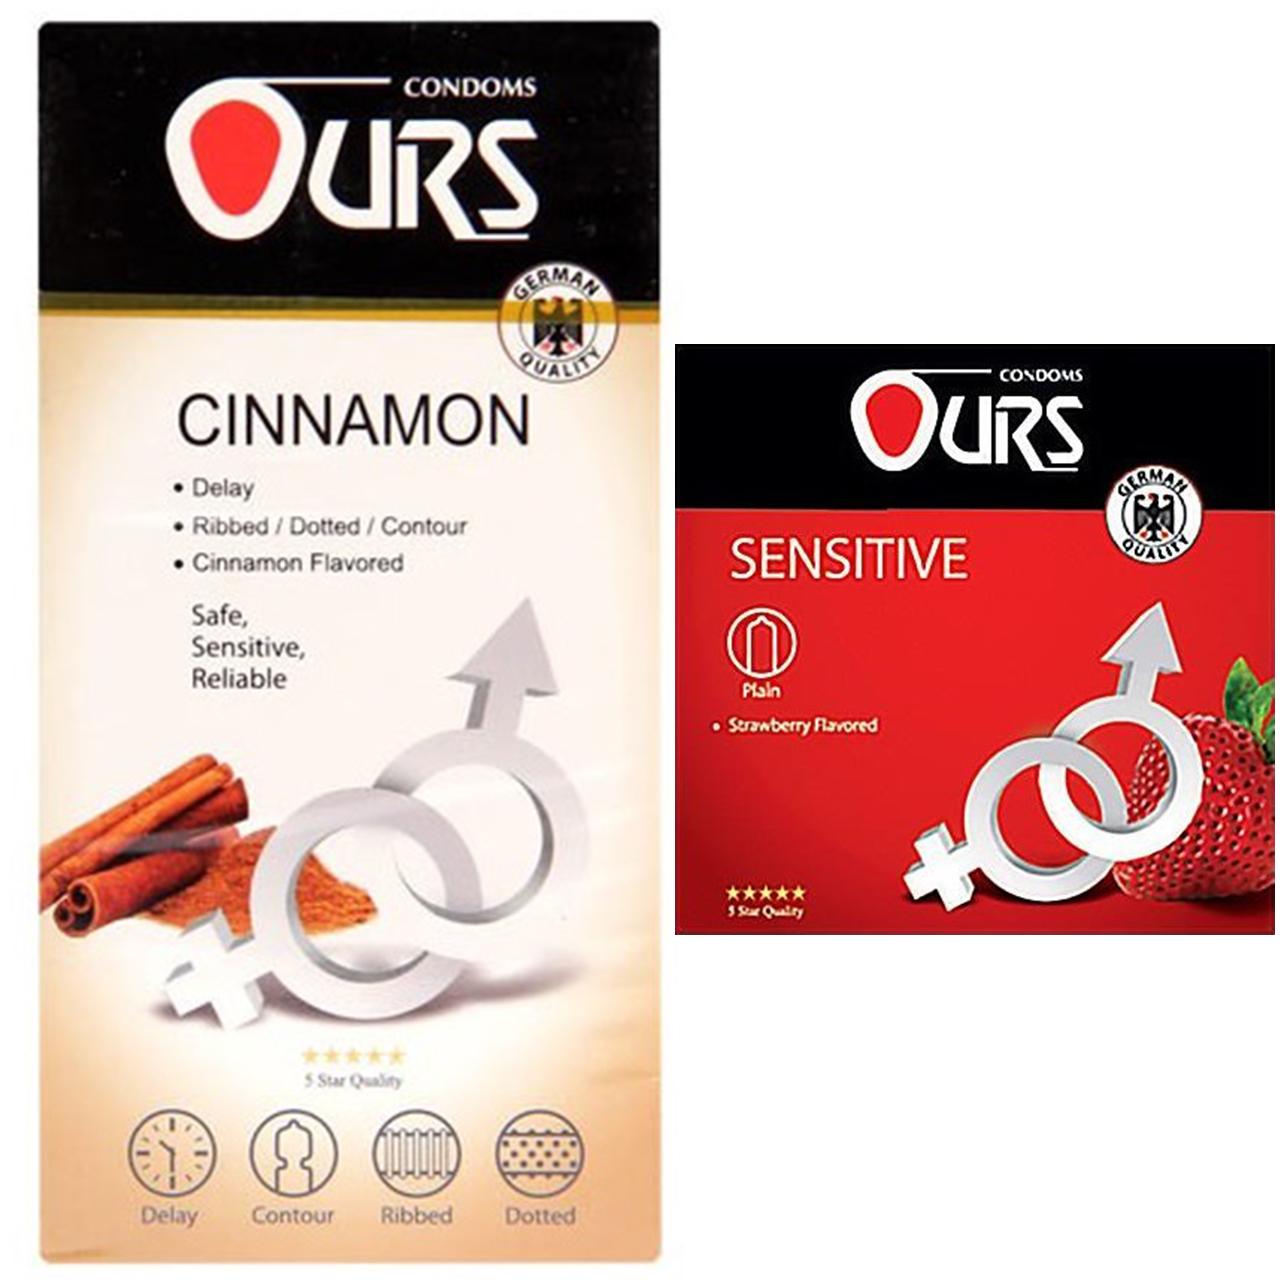 خرید                      کاندوم اورز مدل Cinnamon بسته 12 عددی به همراه کاندوم اورز مدل Sensitive بسته 3 عددی